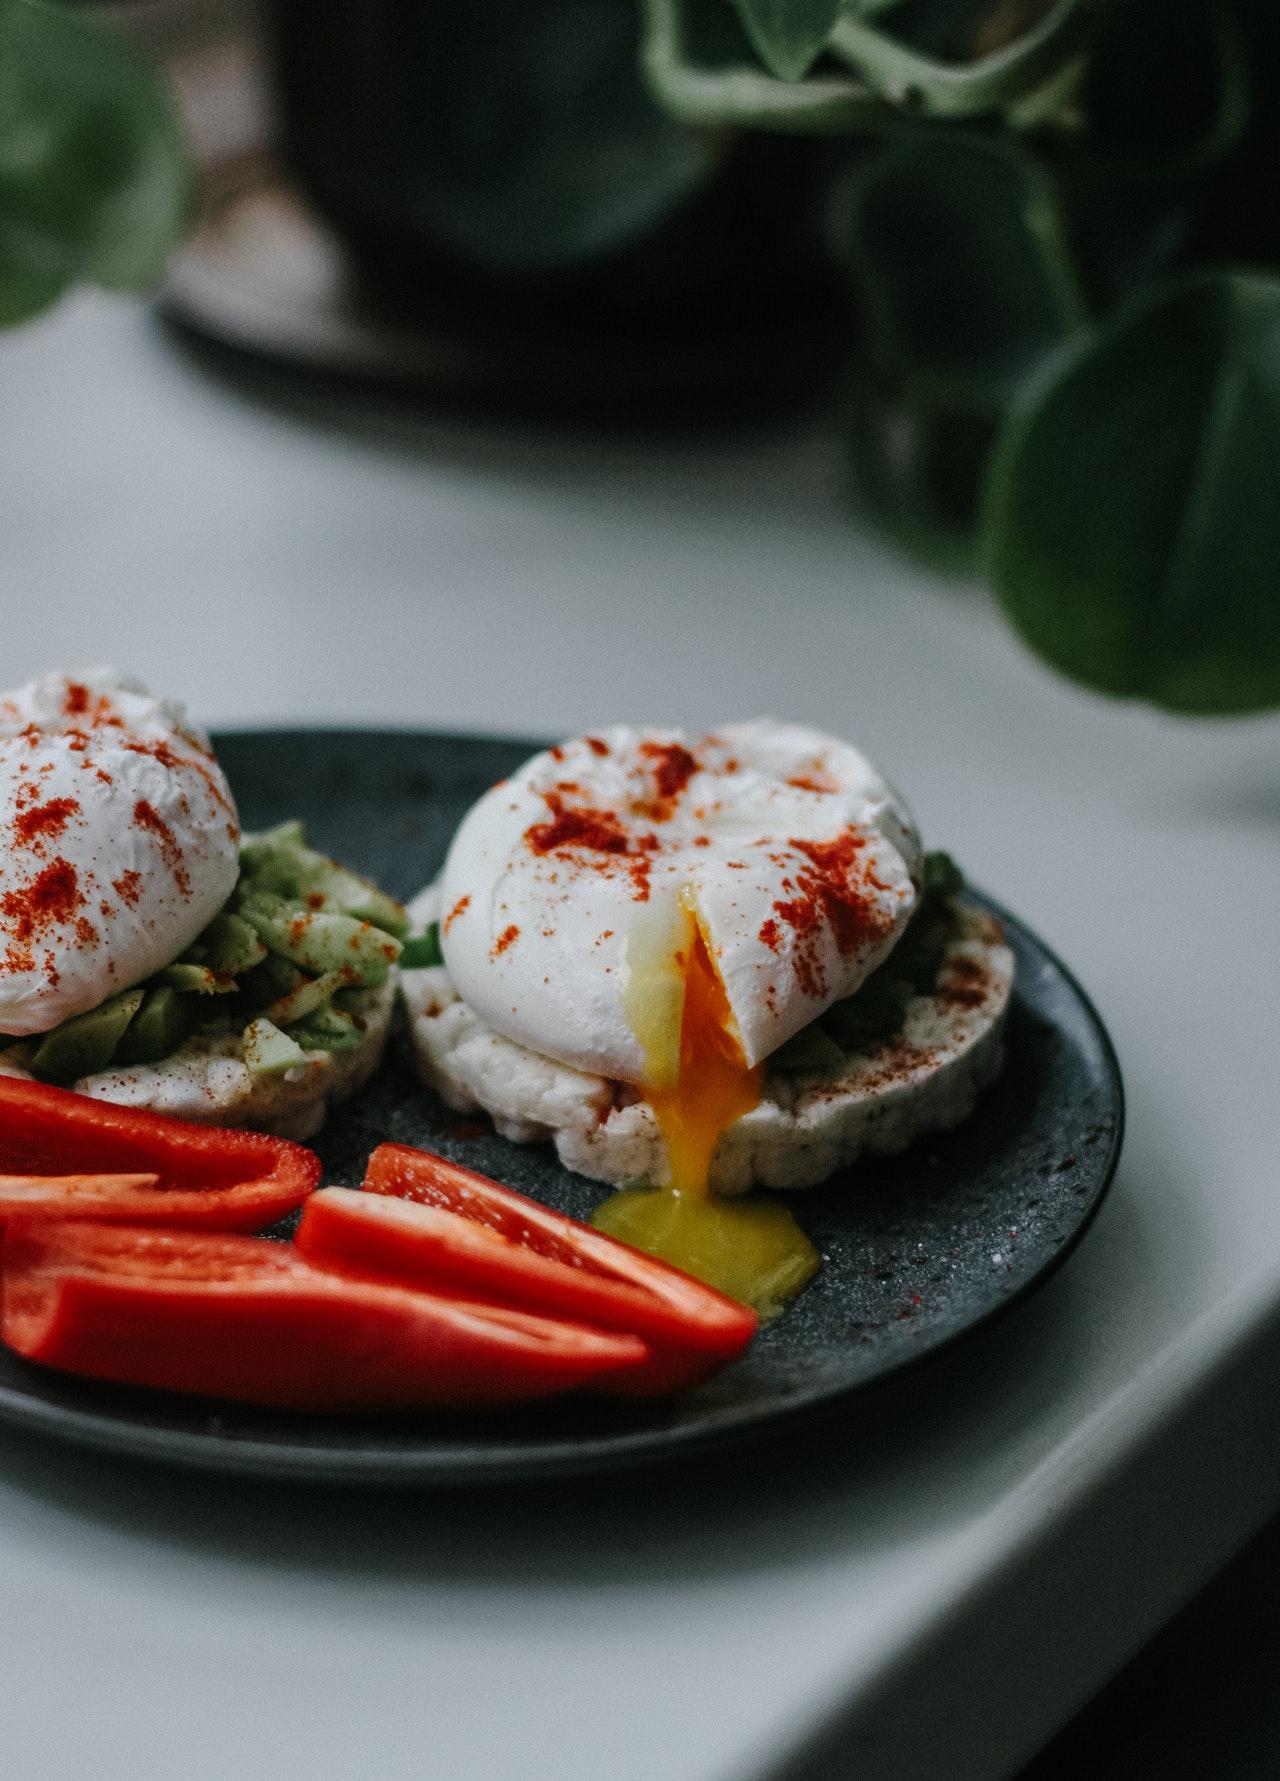 сварить яйцо пащот без пакета дома